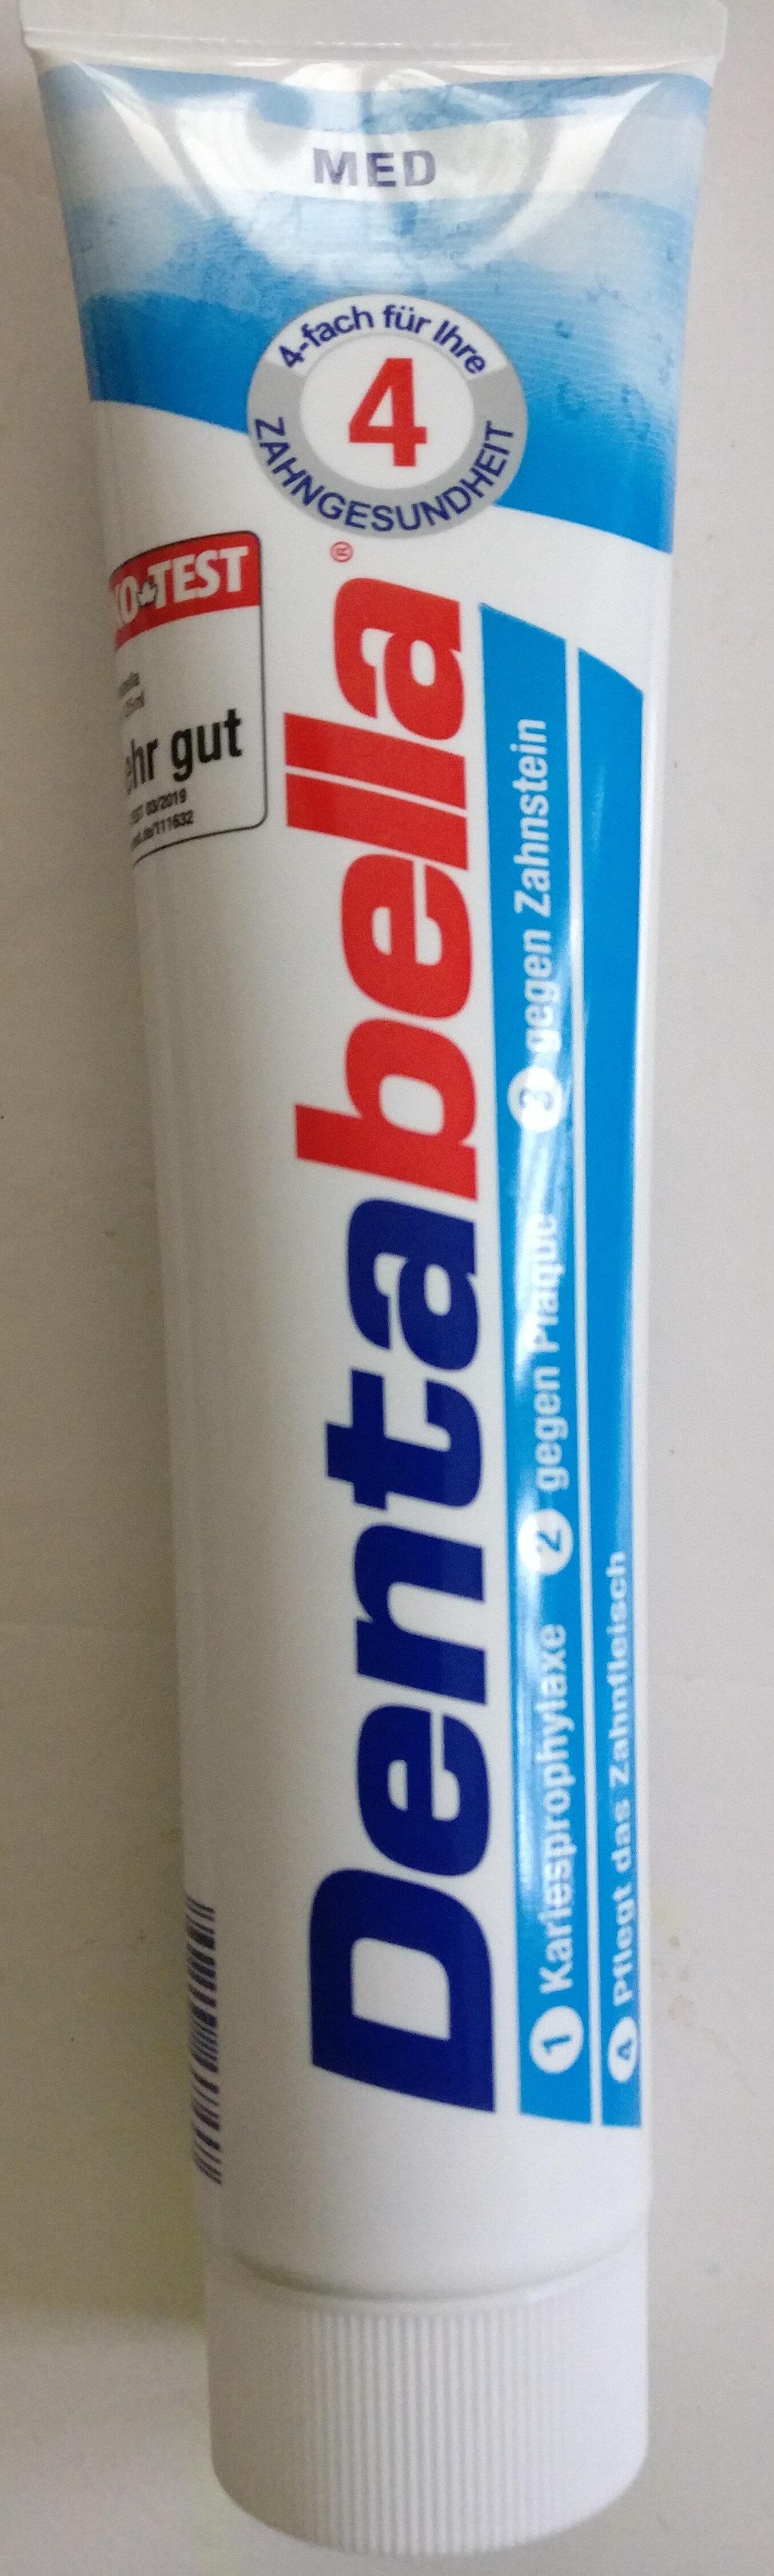 Dentabella Med - Product